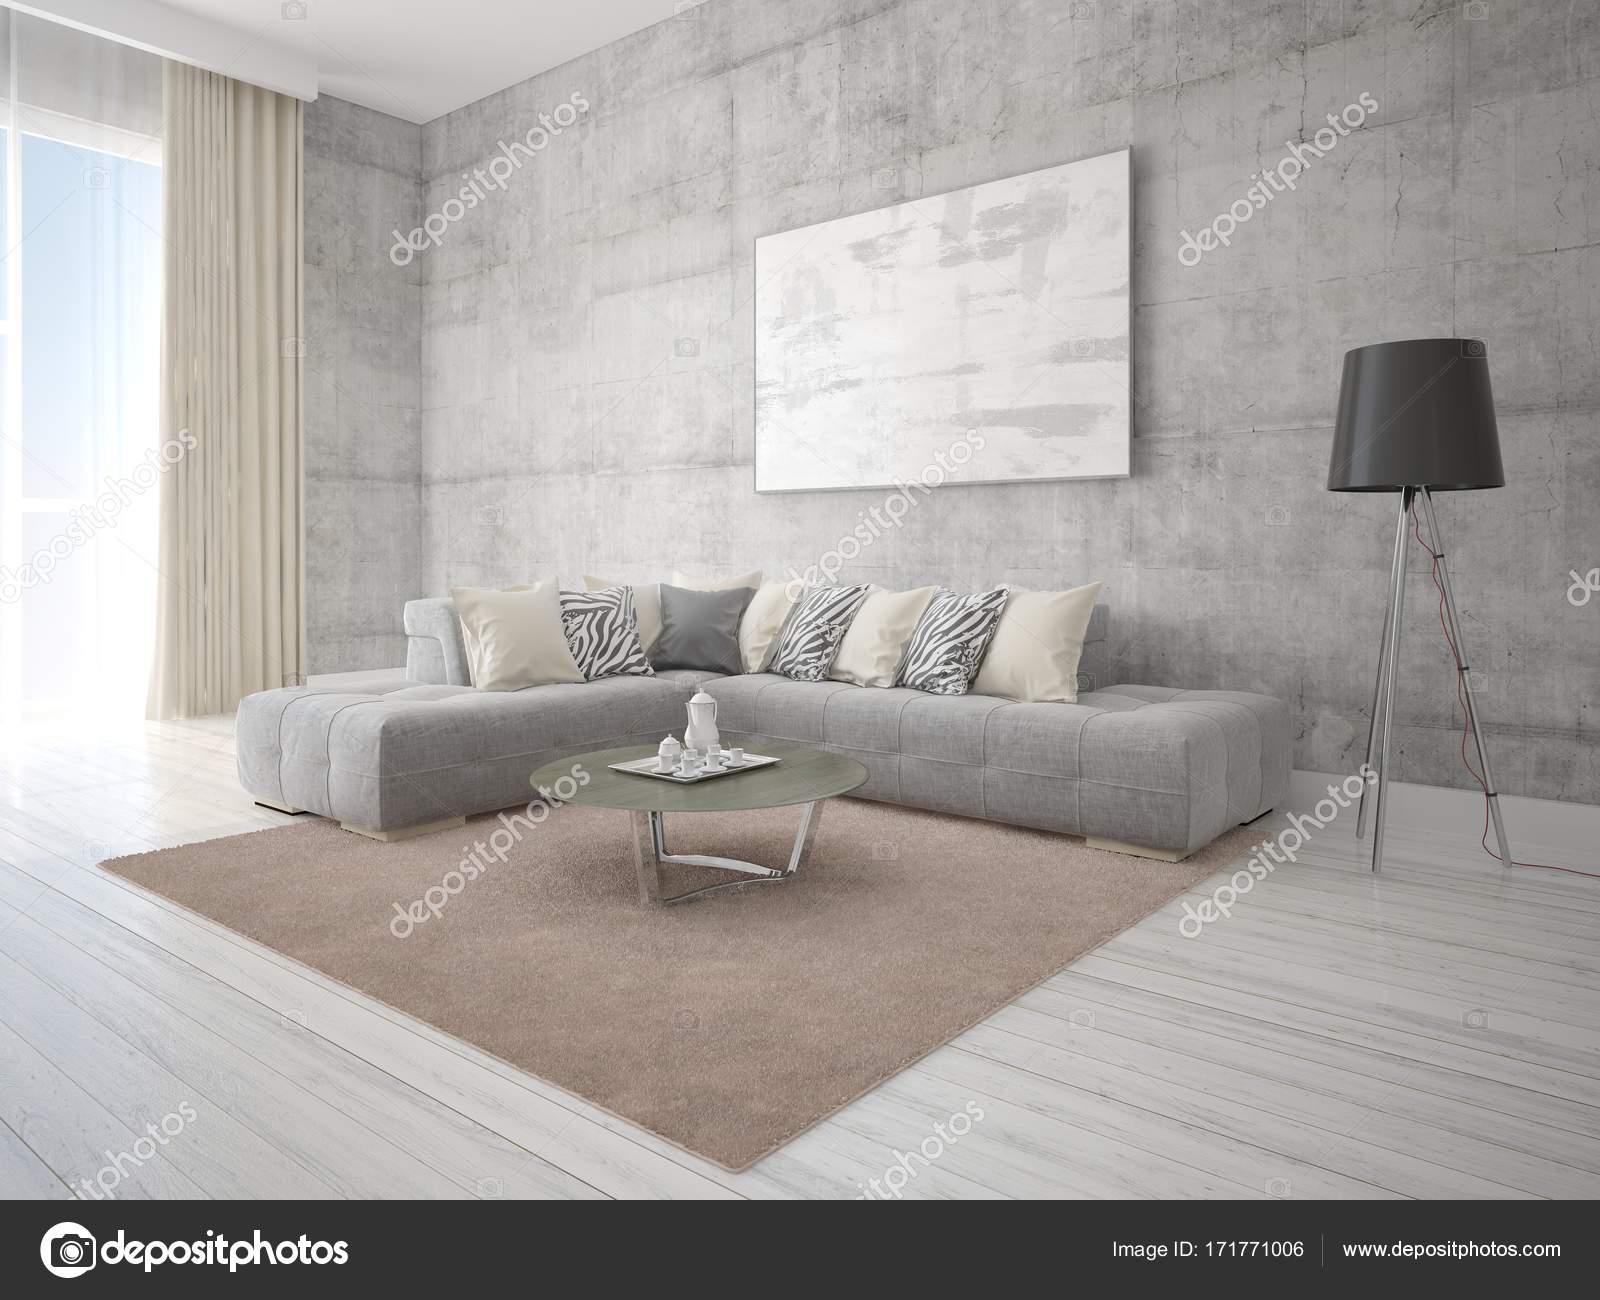 Bespotten van een moderne woonkamer met een grijs hoekbank ...